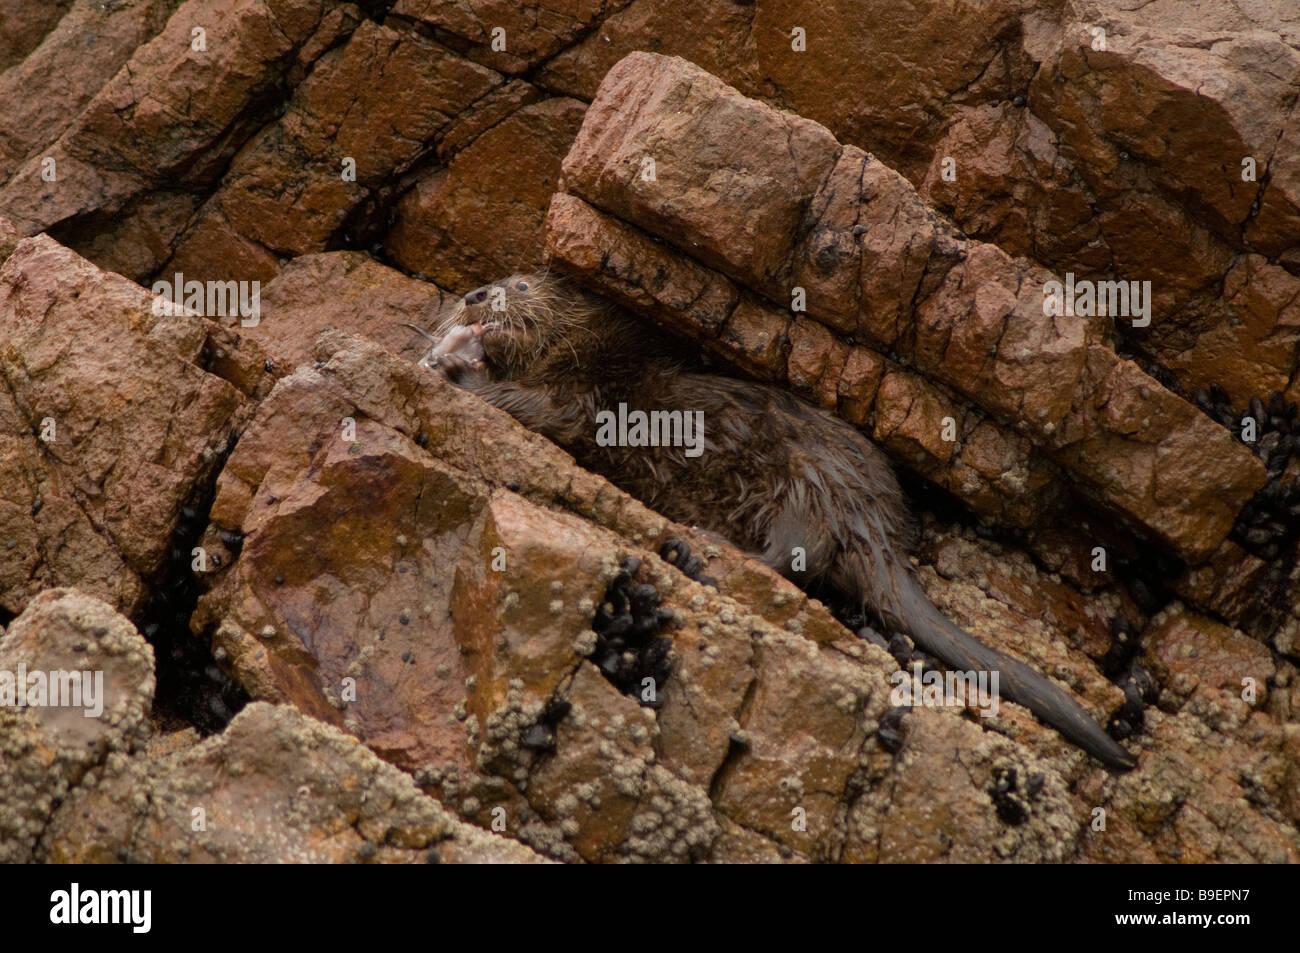 MARINE OTTER Lontra felina - Stock Image